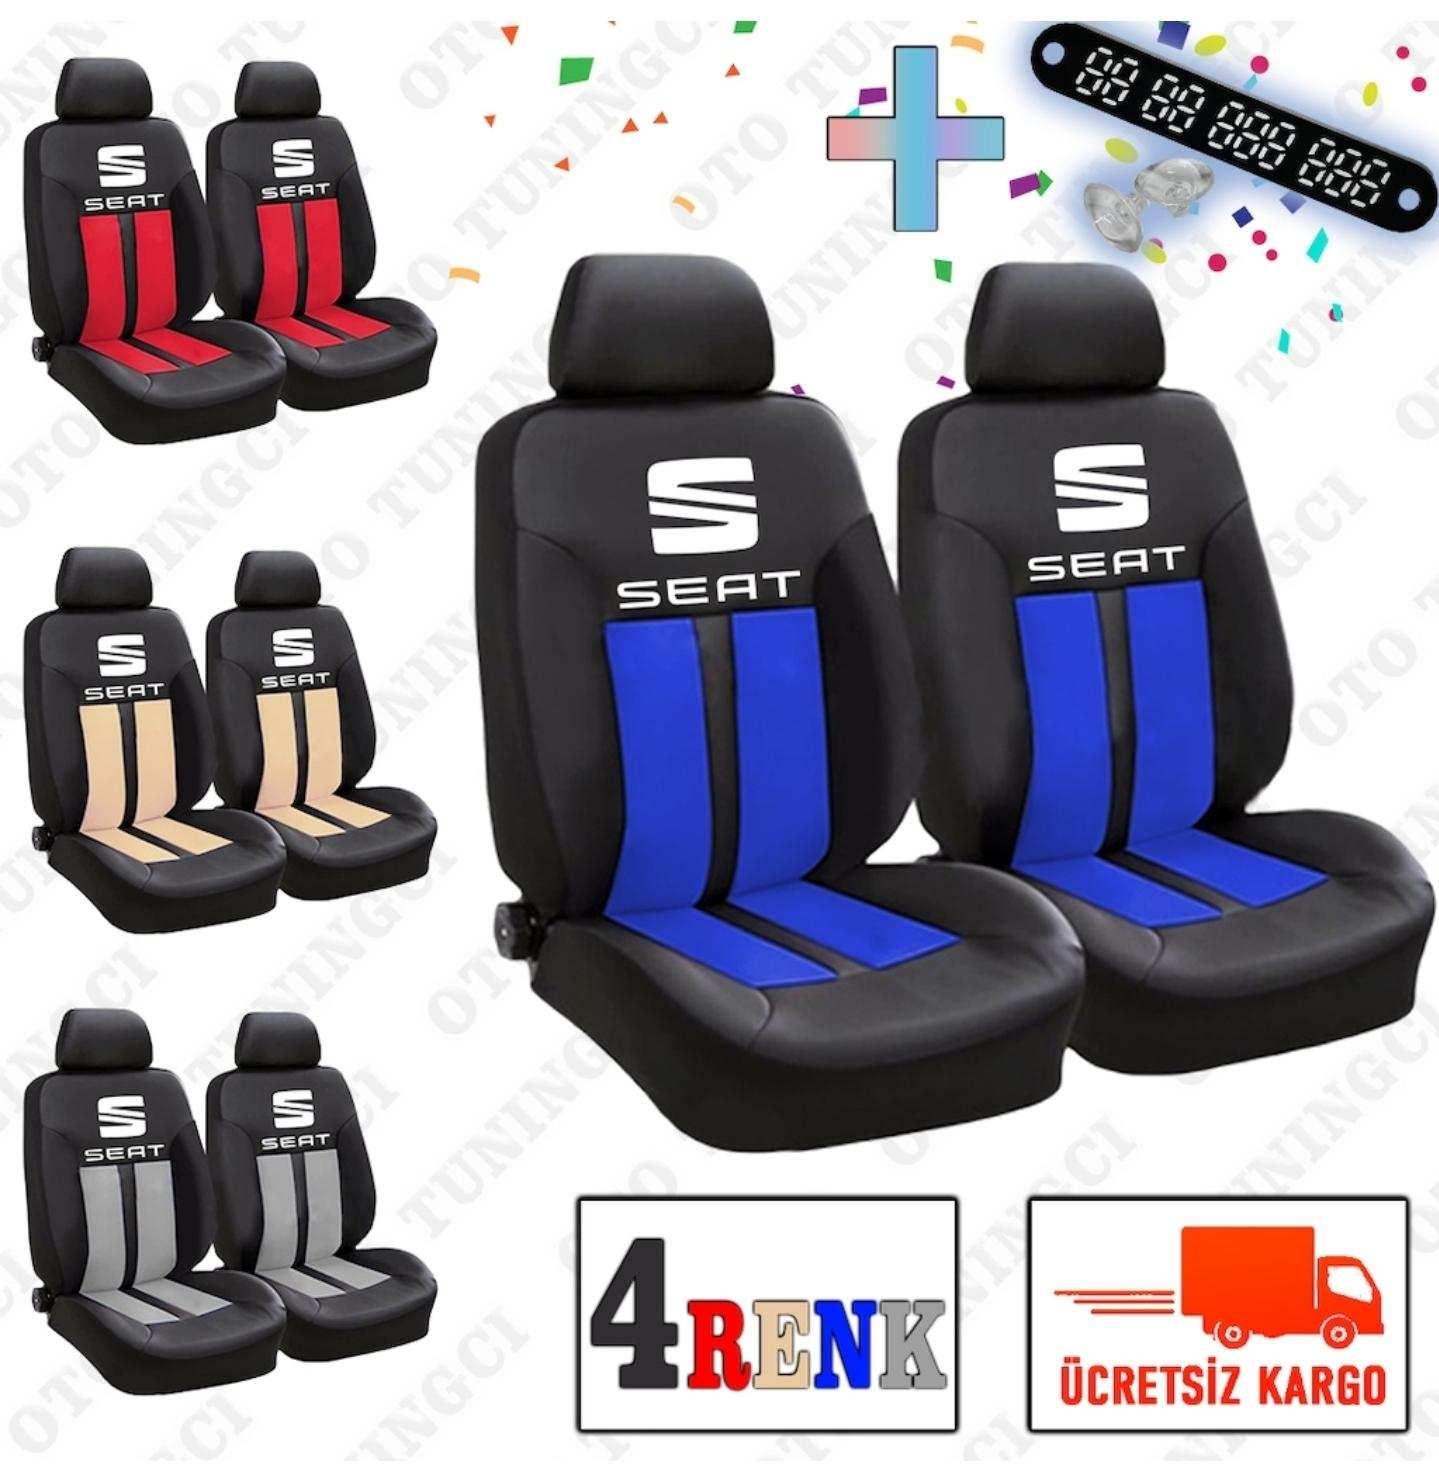 Seat SPOR Şeritli Arka Kılıf Dahil Oto Koltuk Kılıfı Set + Numaramatik Parktel HEDİYE